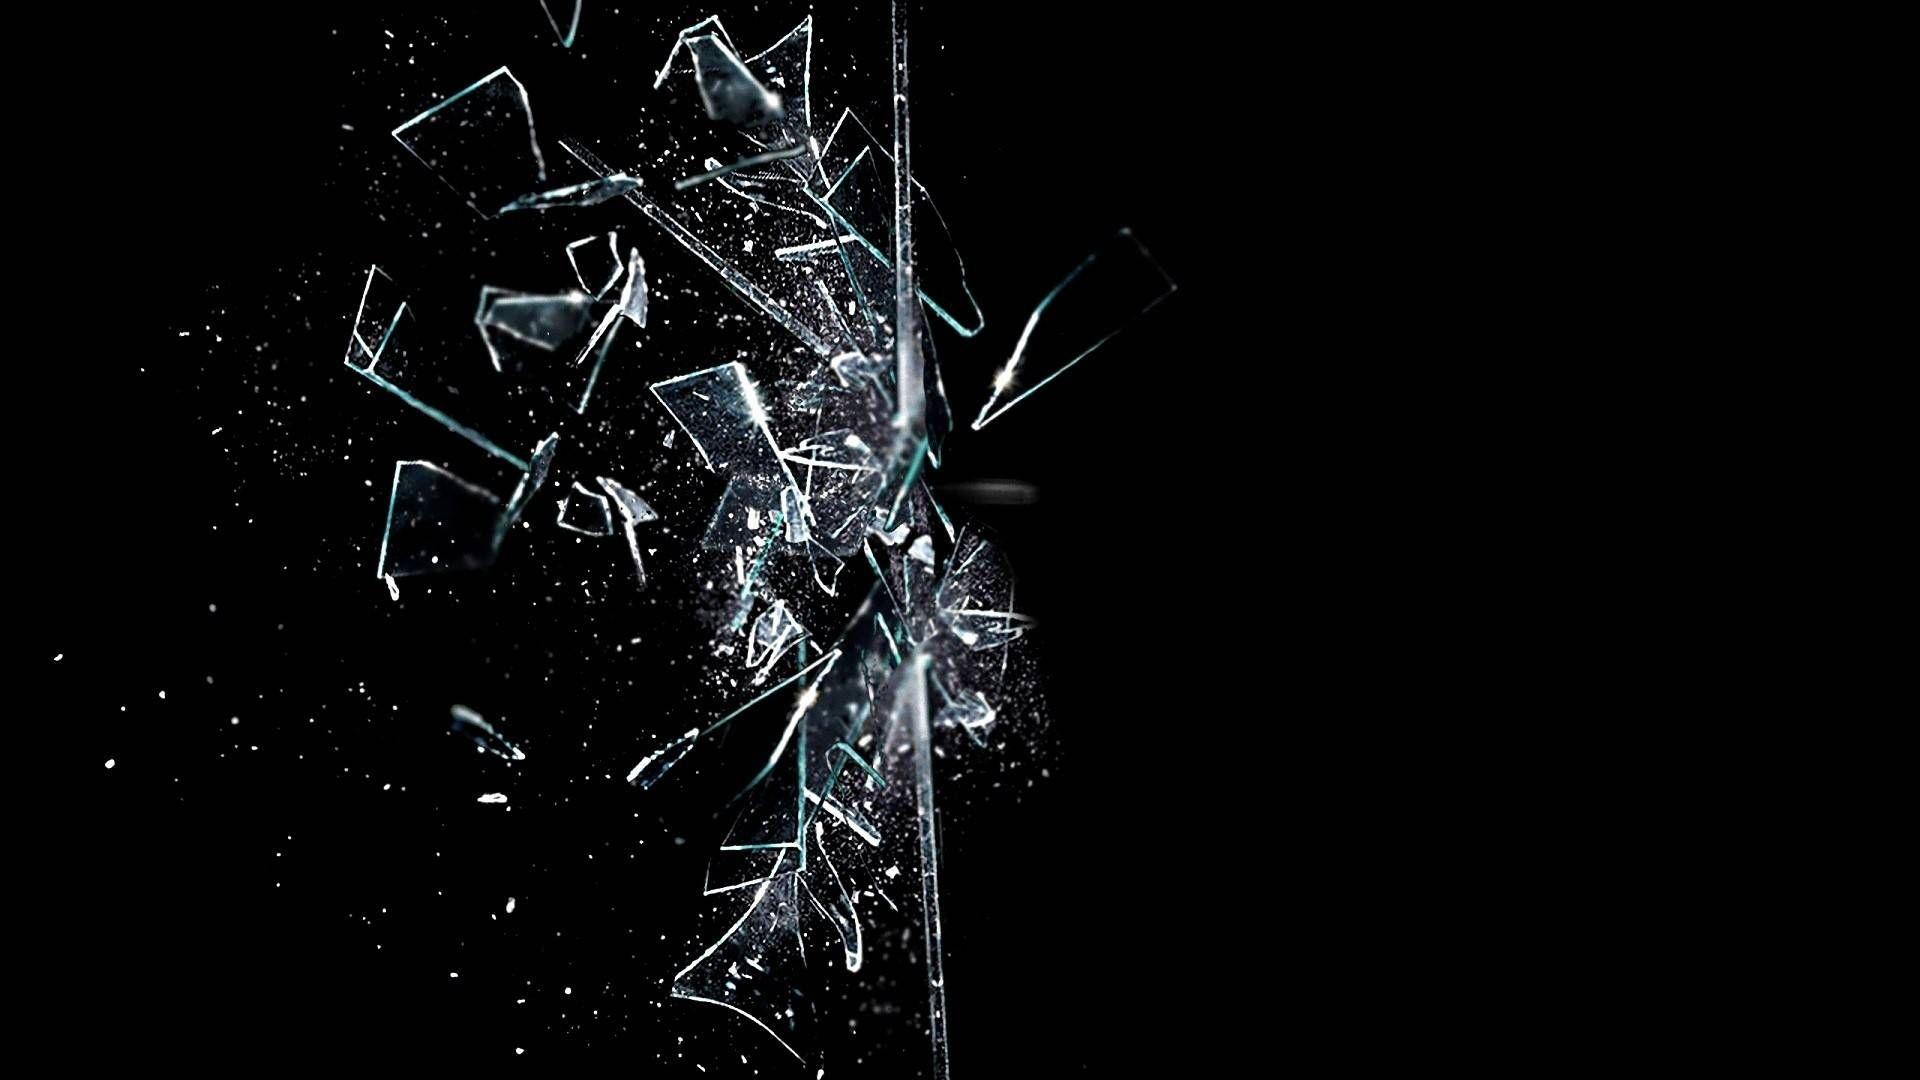 Broken Glass Wallpaper Widescreen Tela quebrada, Papeis